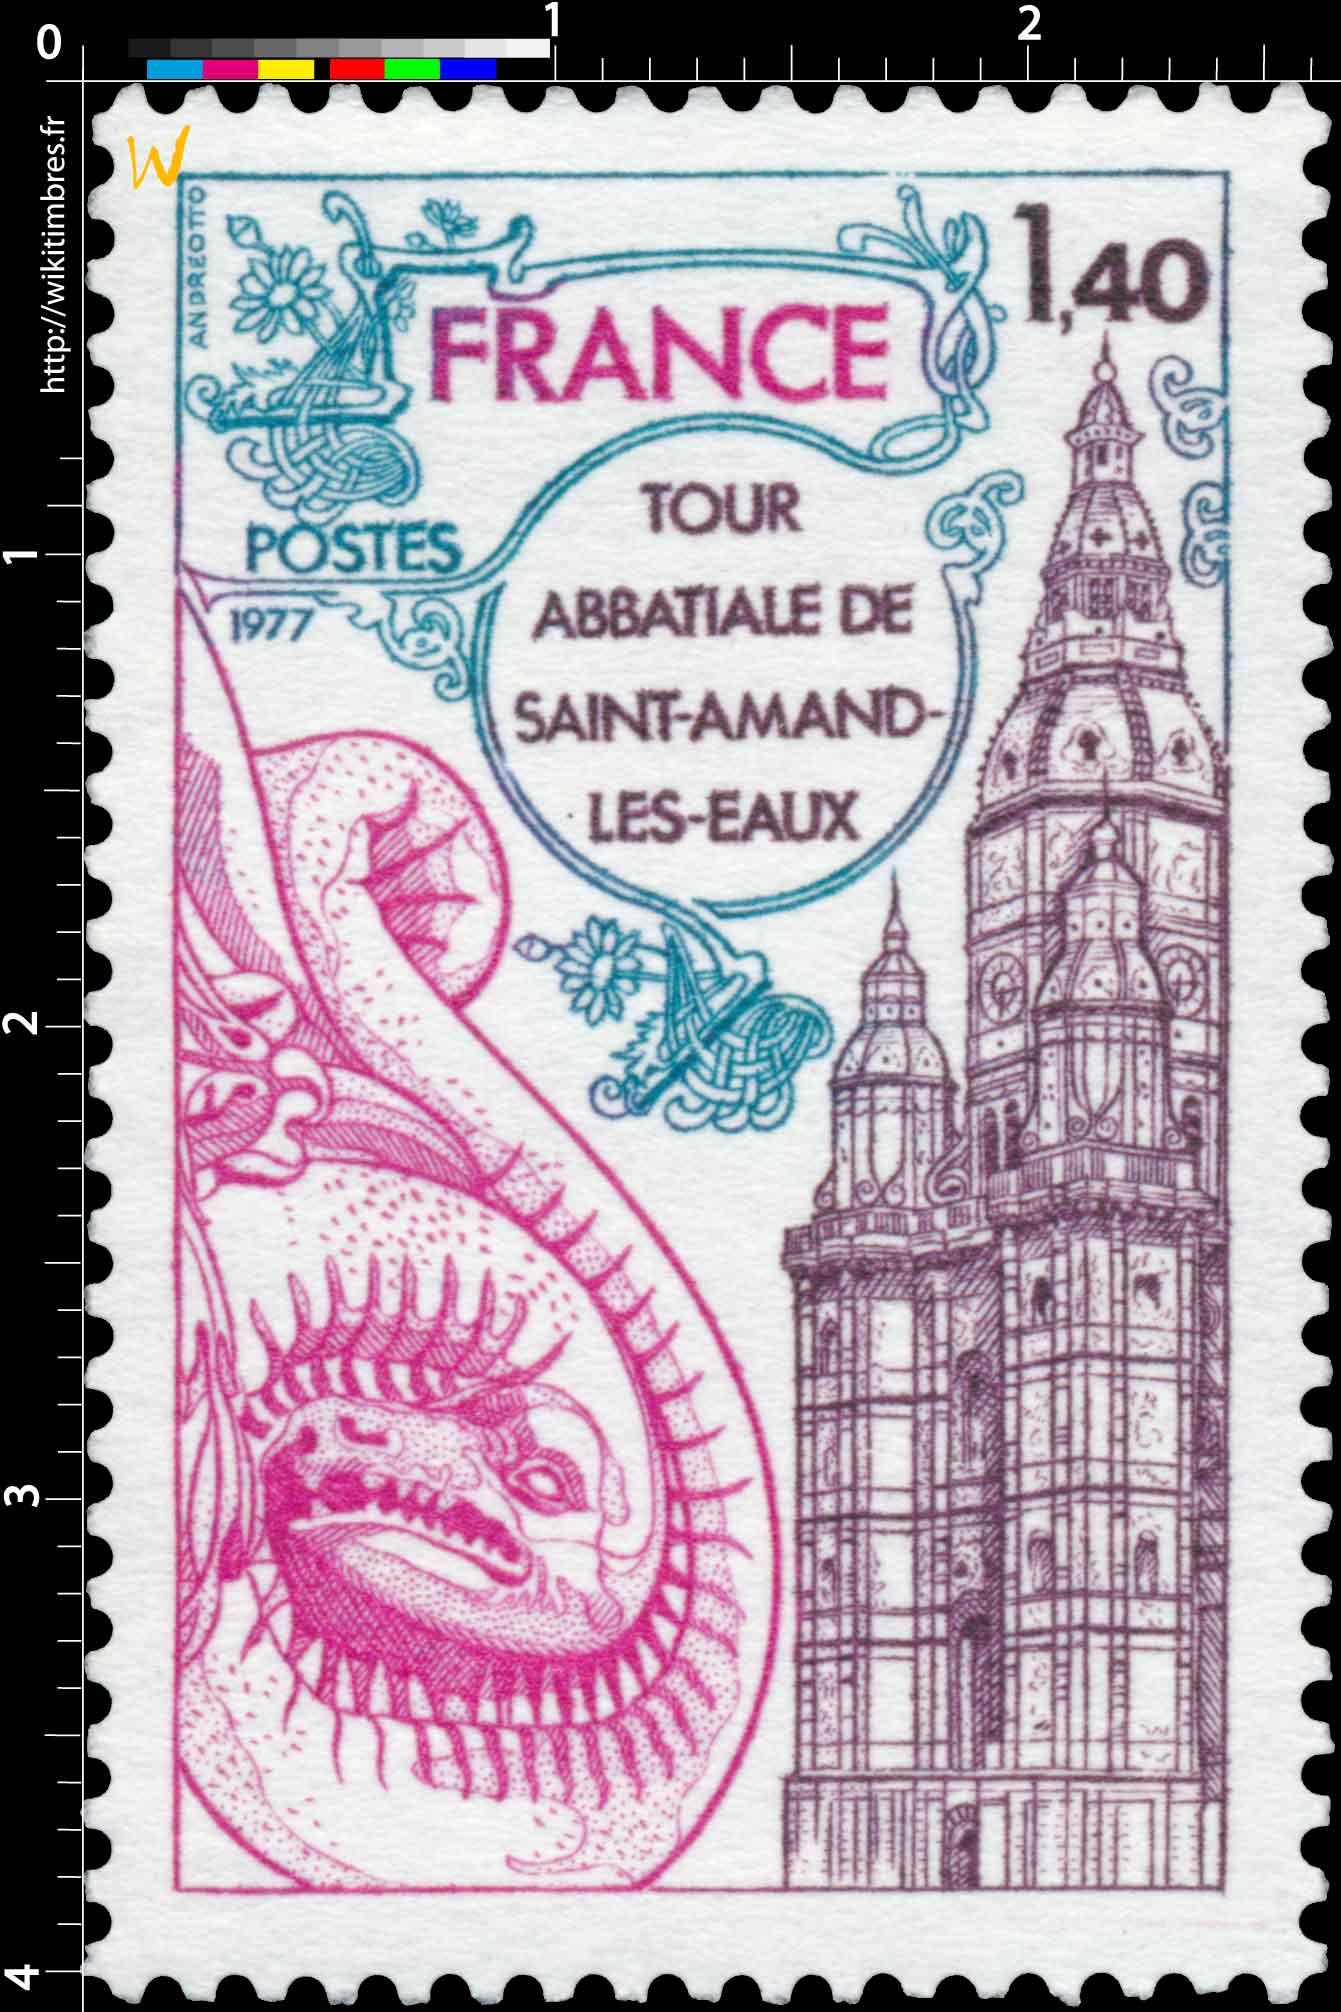 1977 TOUR ABBATIALE DE SAINT-AMAND-LES-EAUX